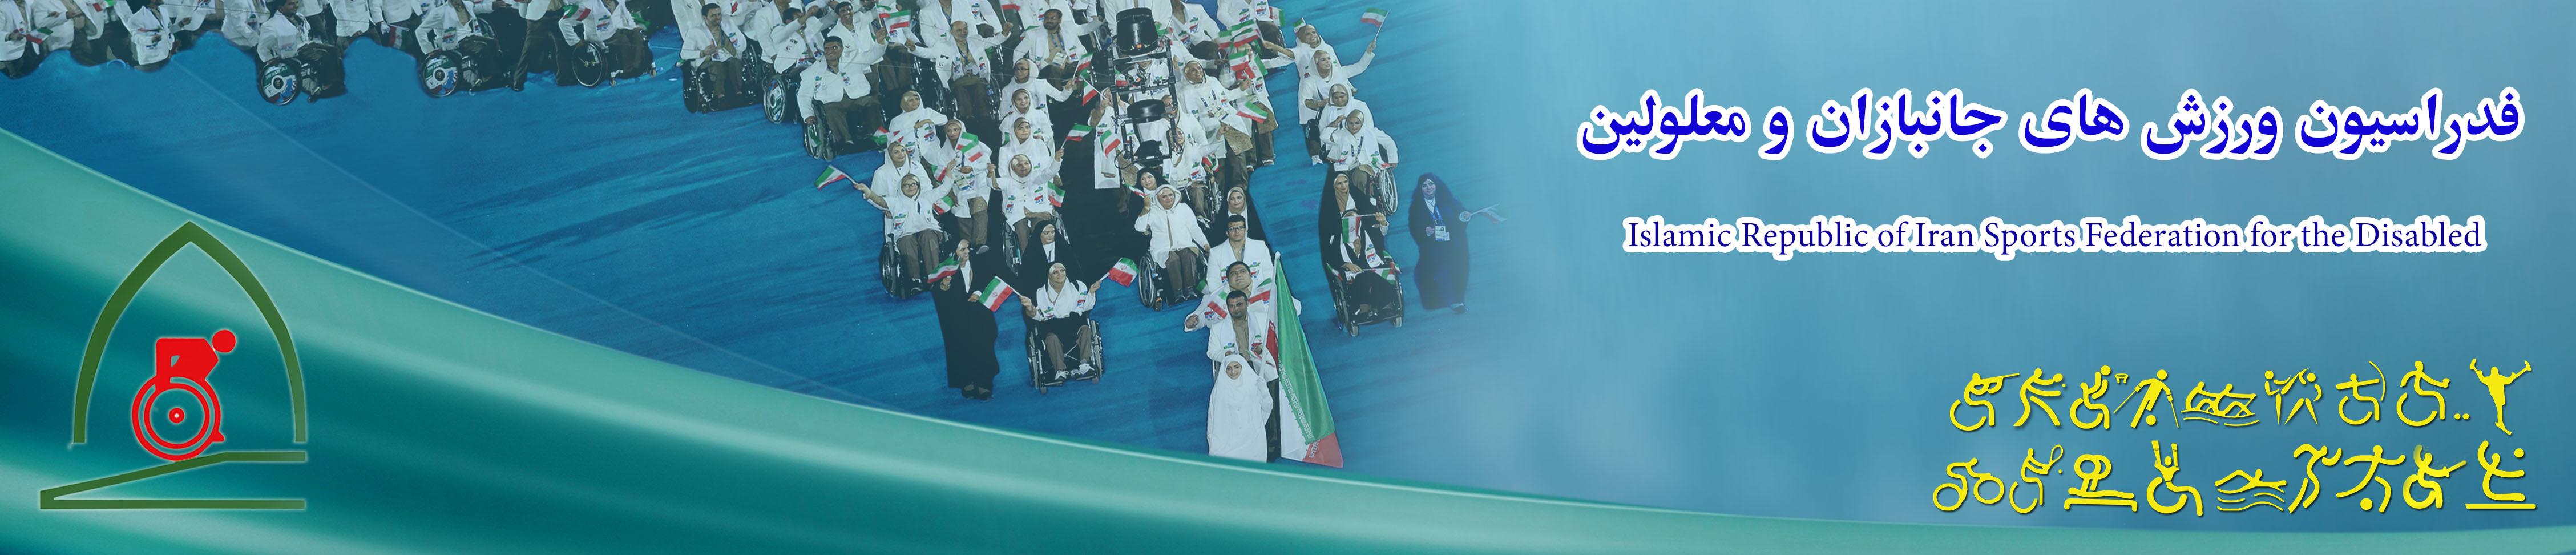 فدراسیون ورزشهای جانبازان و معلولین